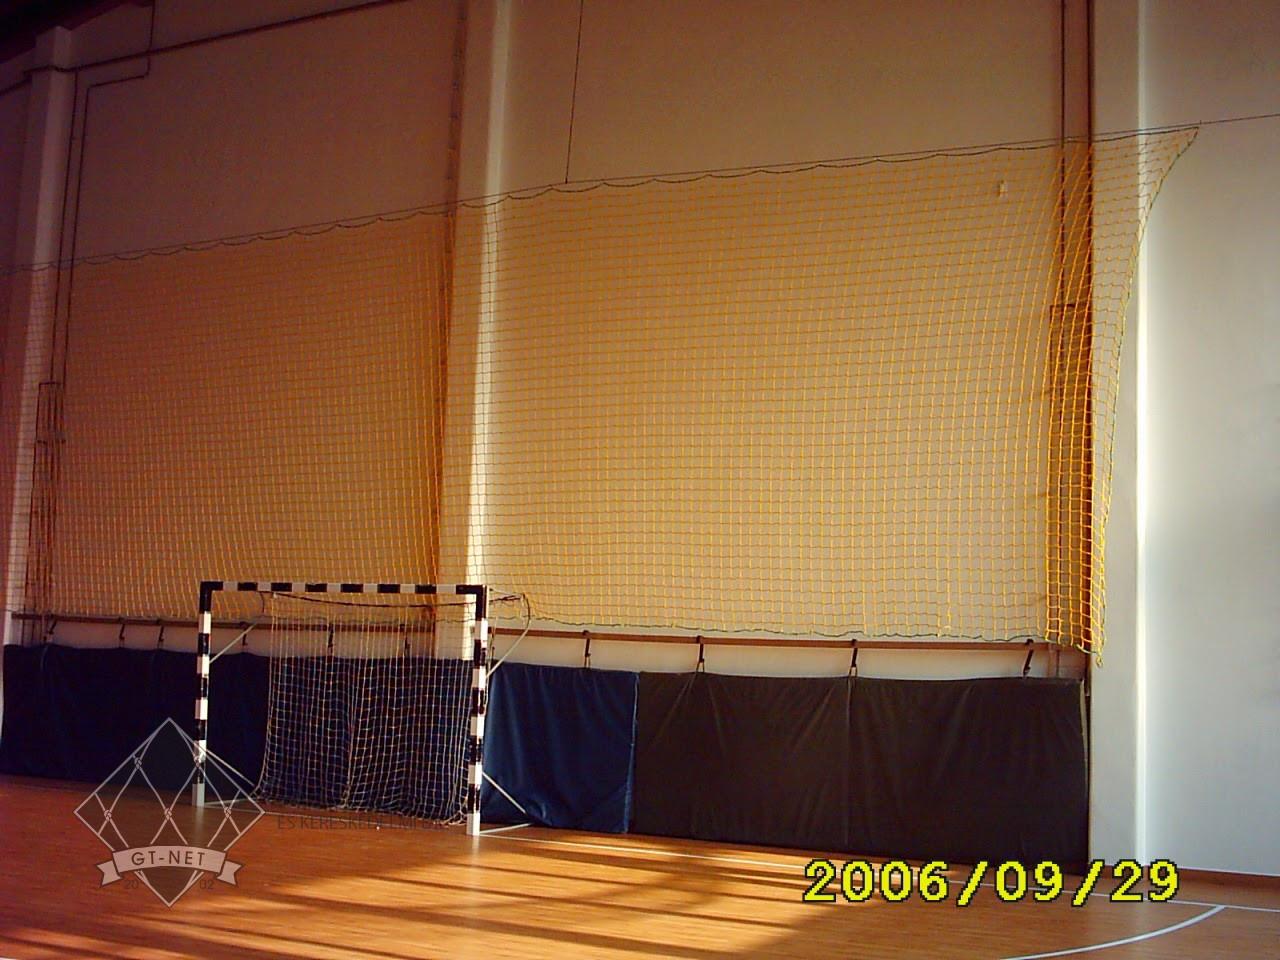 068 Labdafogóháló - Mezőtúr Városi Sportcsarnok